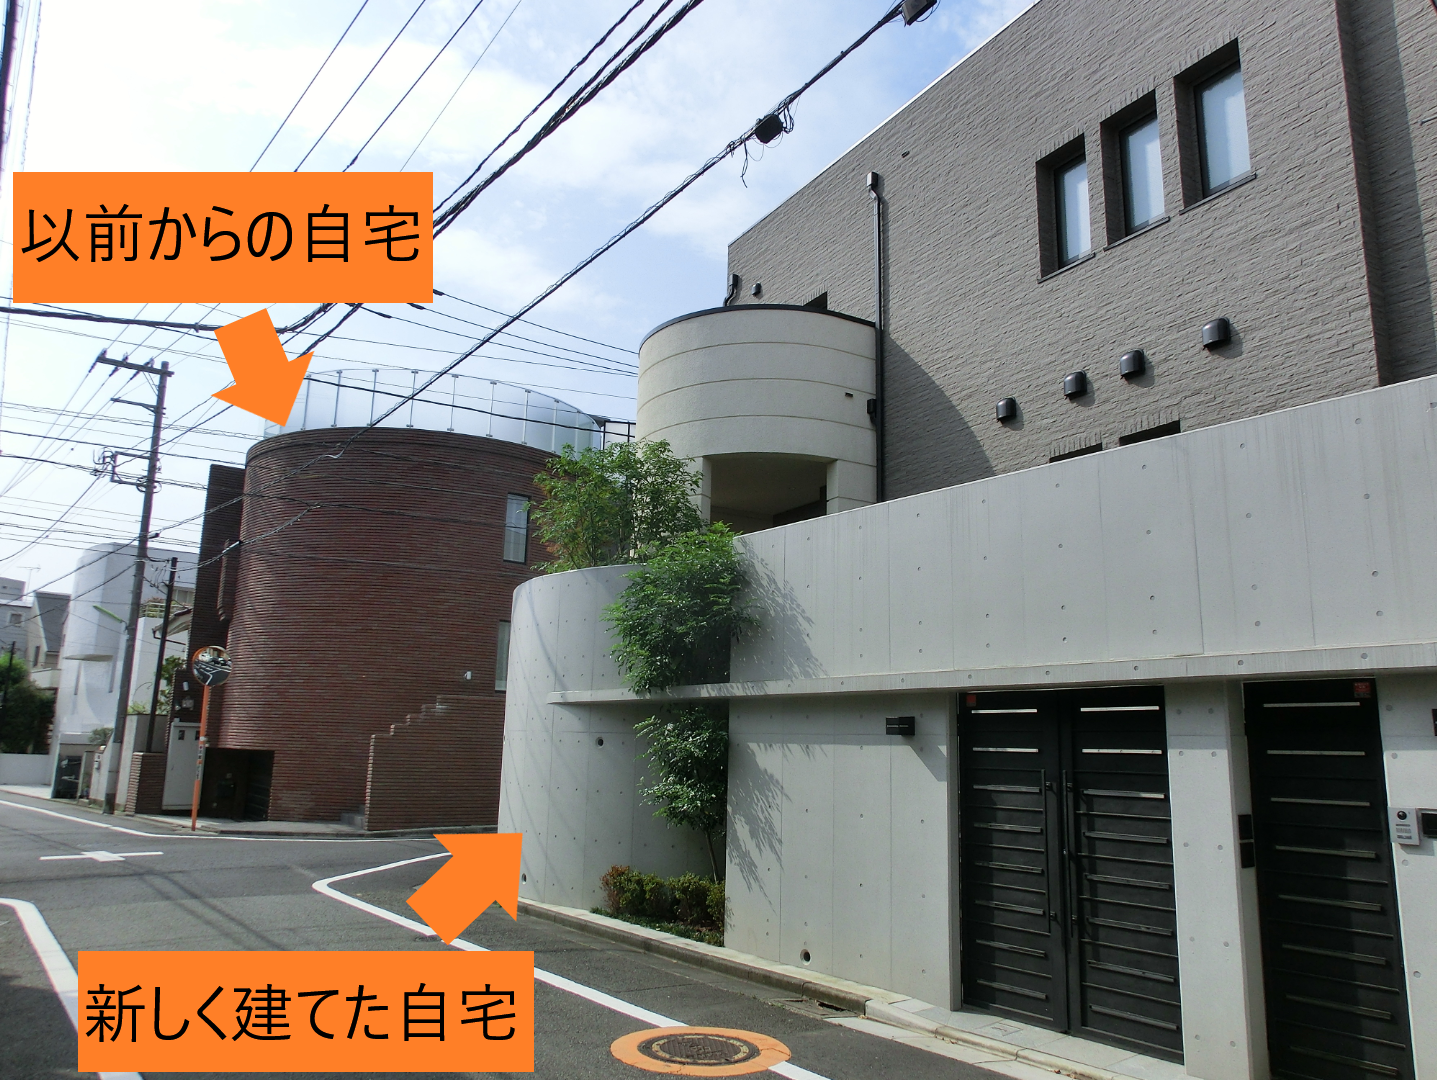 小林幸子の自宅3 碑文谷・柿の木坂・野沢散策5